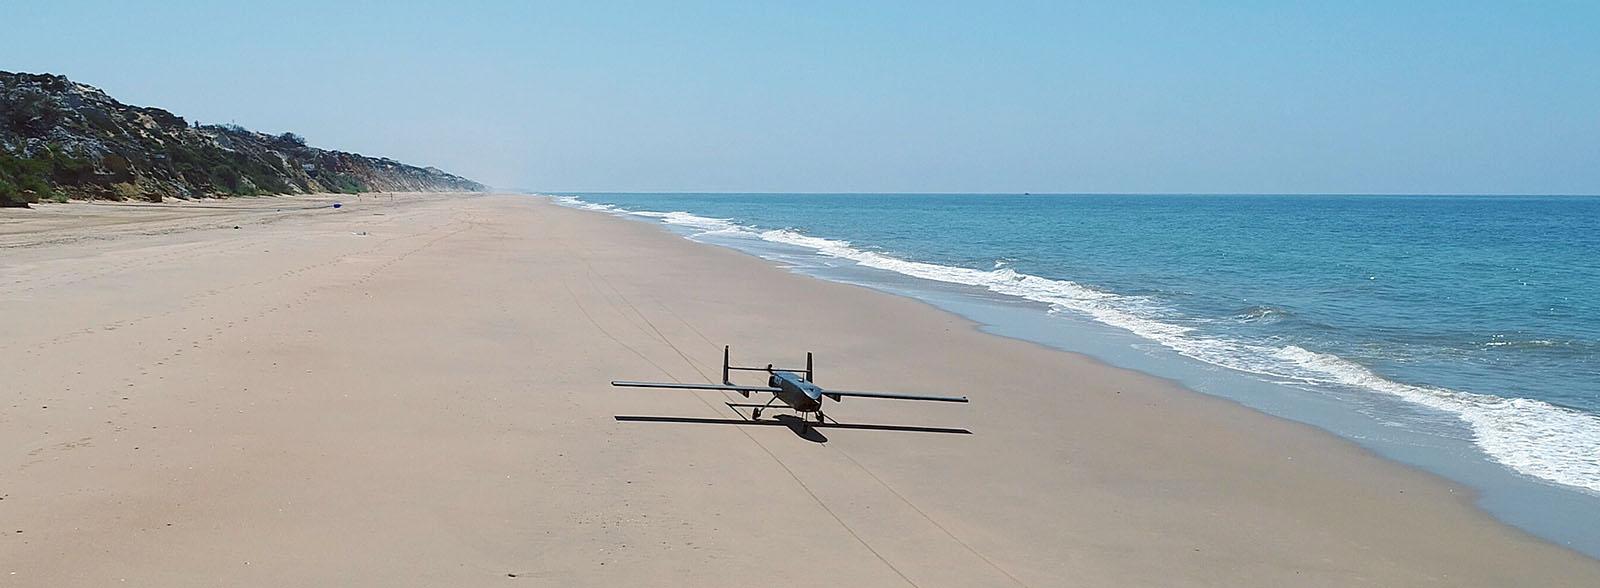 Operaciones con RPAS desde la playa